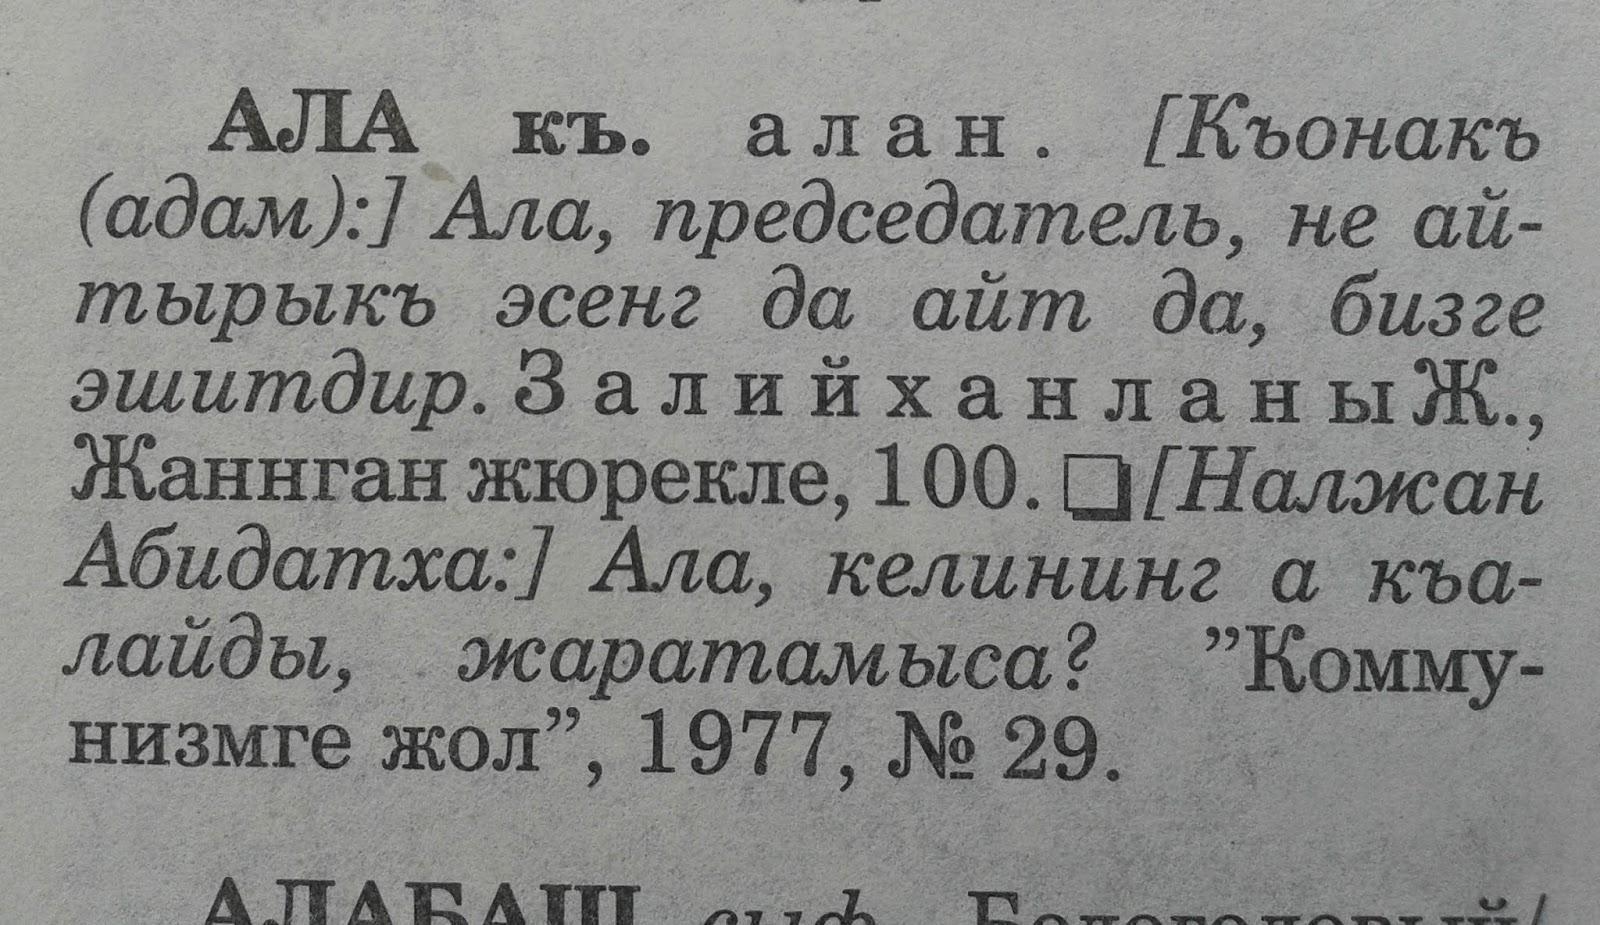 Толковый словарь Карачаево-балкарского языка, Нальчик 1996г